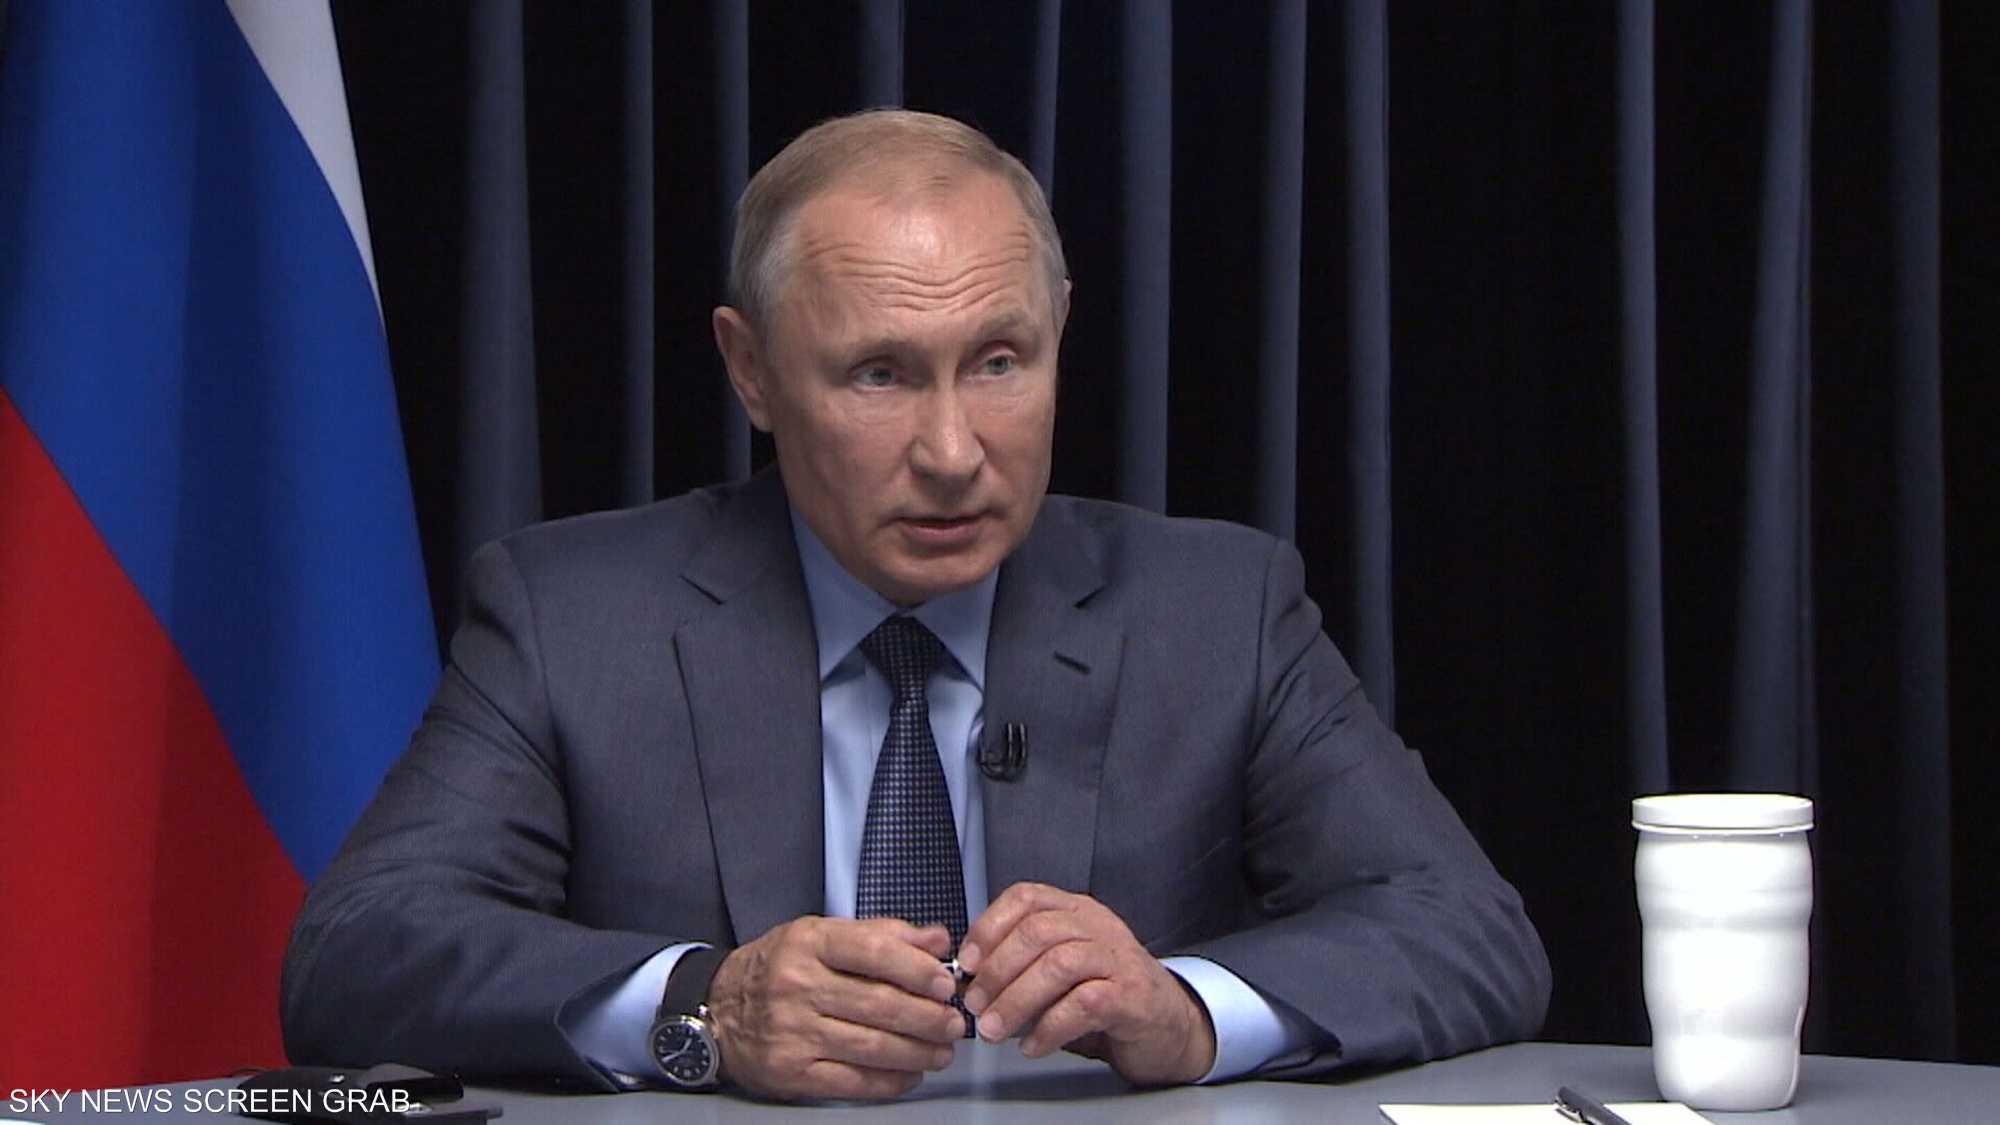 بوتن وملفات المنطقة.. دعم موسكو للسلام من فلسطين إلى سوريا